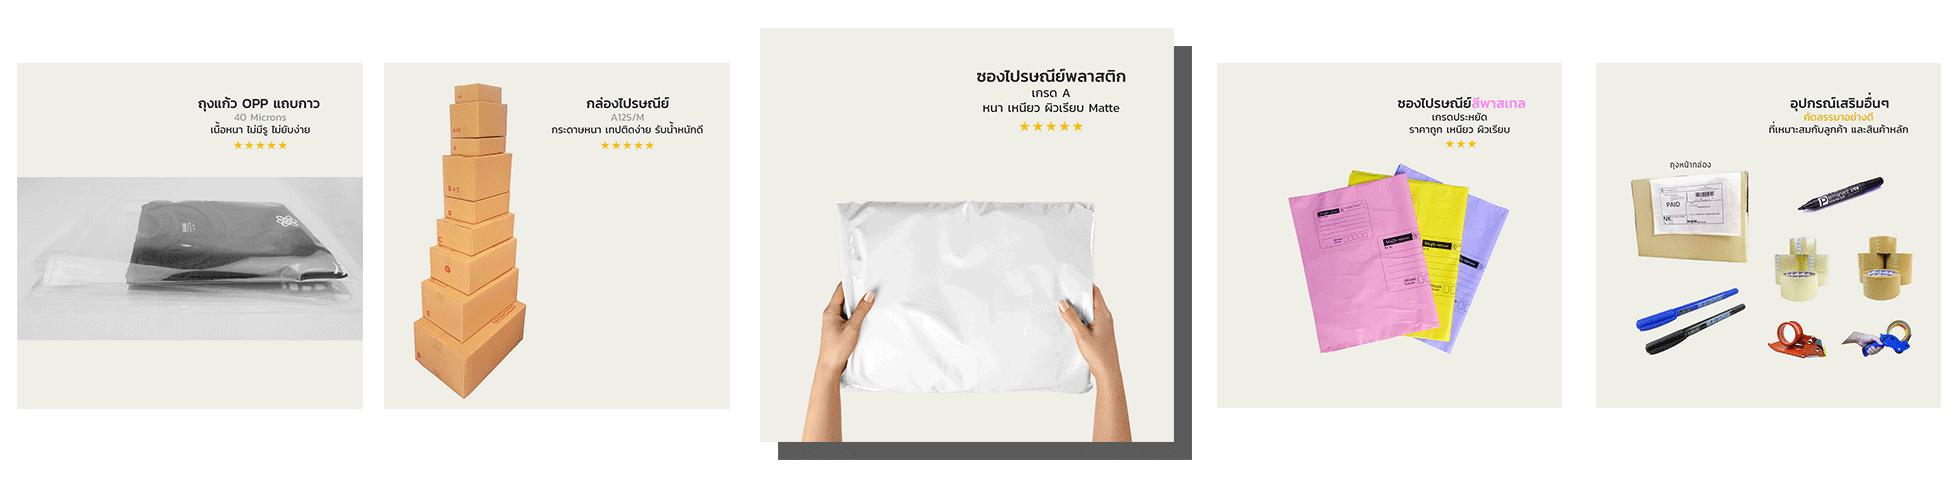 ขายซองไปรษณีย์พลาสติกและกล่องไปรษณีย์